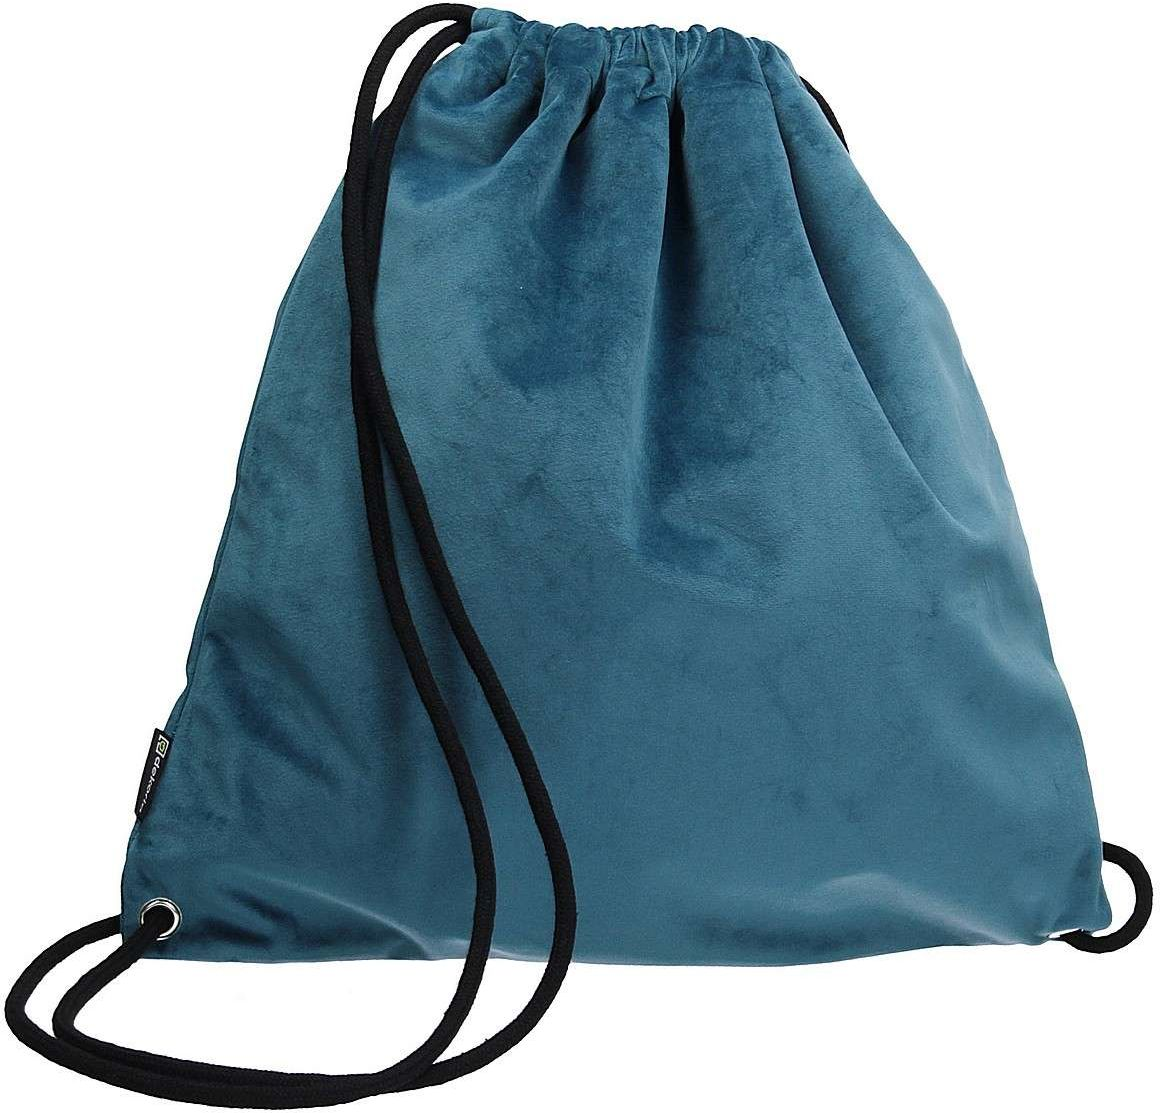 Plecak- worek Velvet, pruski błękit, 40 x 43 cm, Velvet